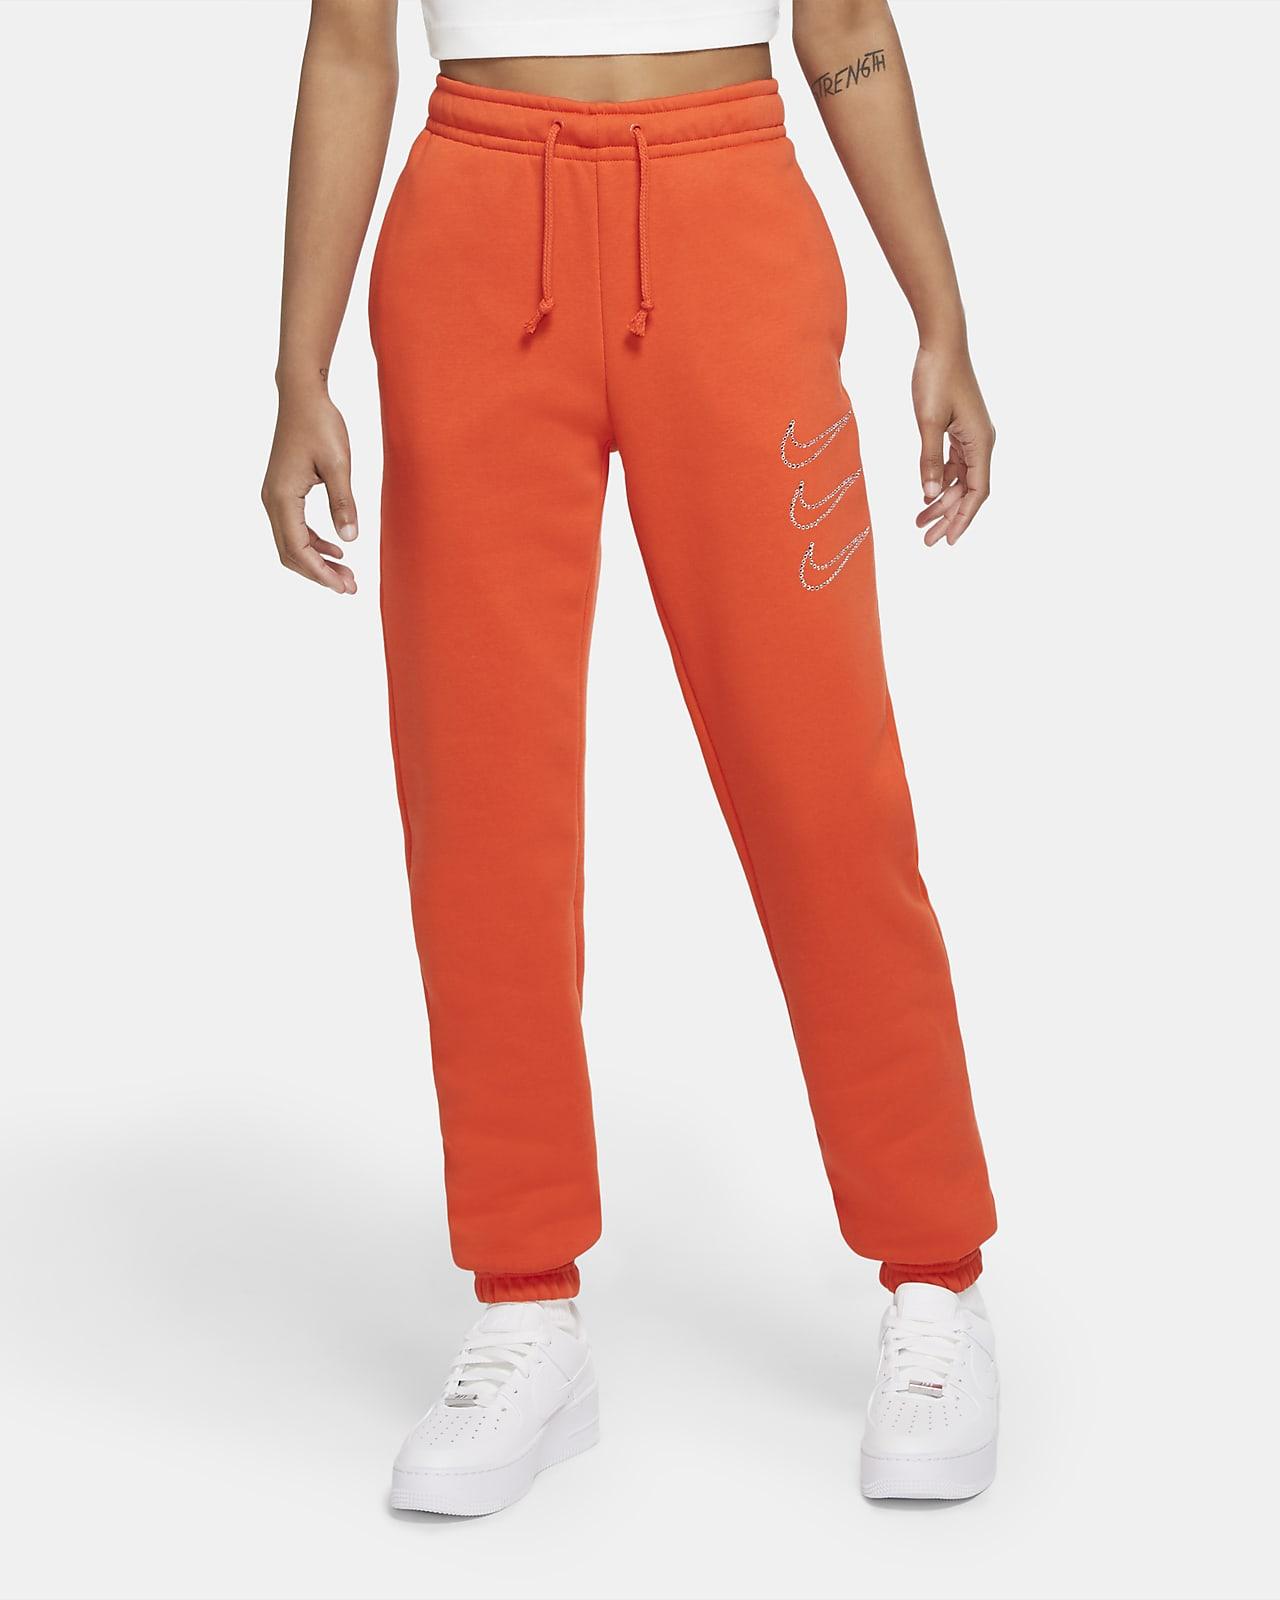 Pantalon en tissu Fleece Nike Sportswear Rhinestone pour Femme